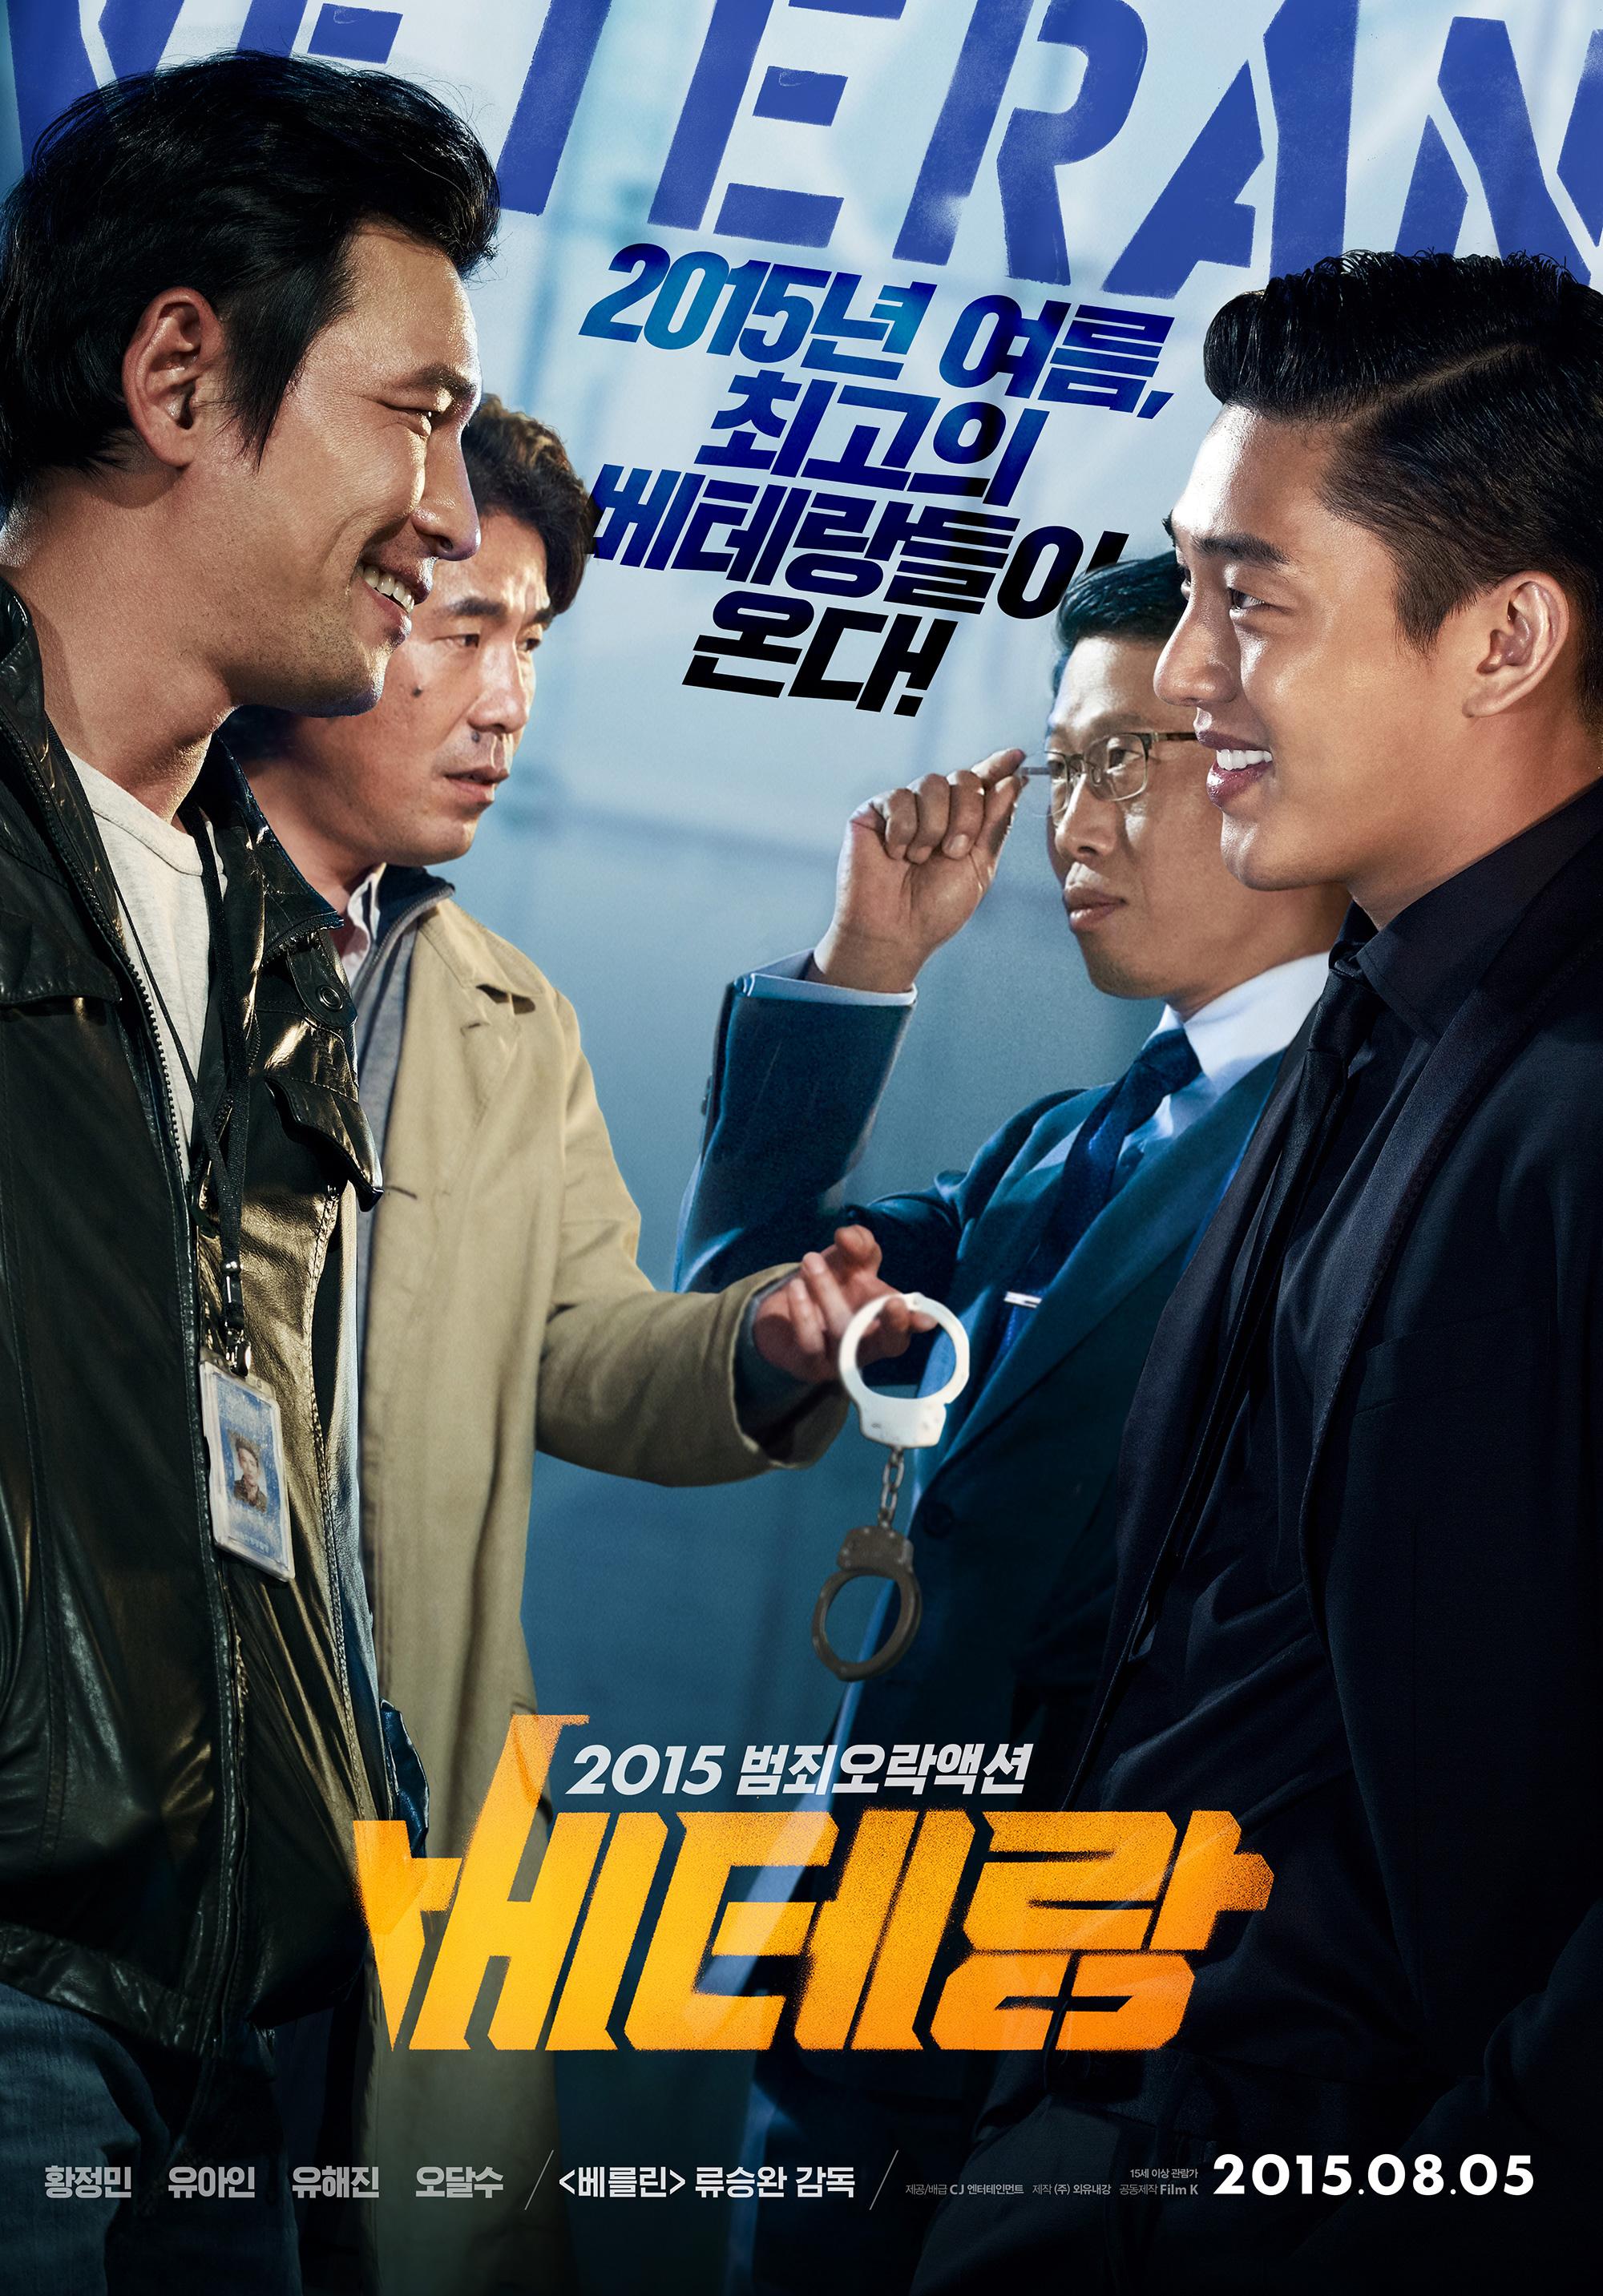 反而是「刺激」、「懸疑」成為現在韓國電影新的代名詞  前面說完了台灣對韓國電影印象的總括 那麼韓國人又是怎麼看台灣的電影呢?